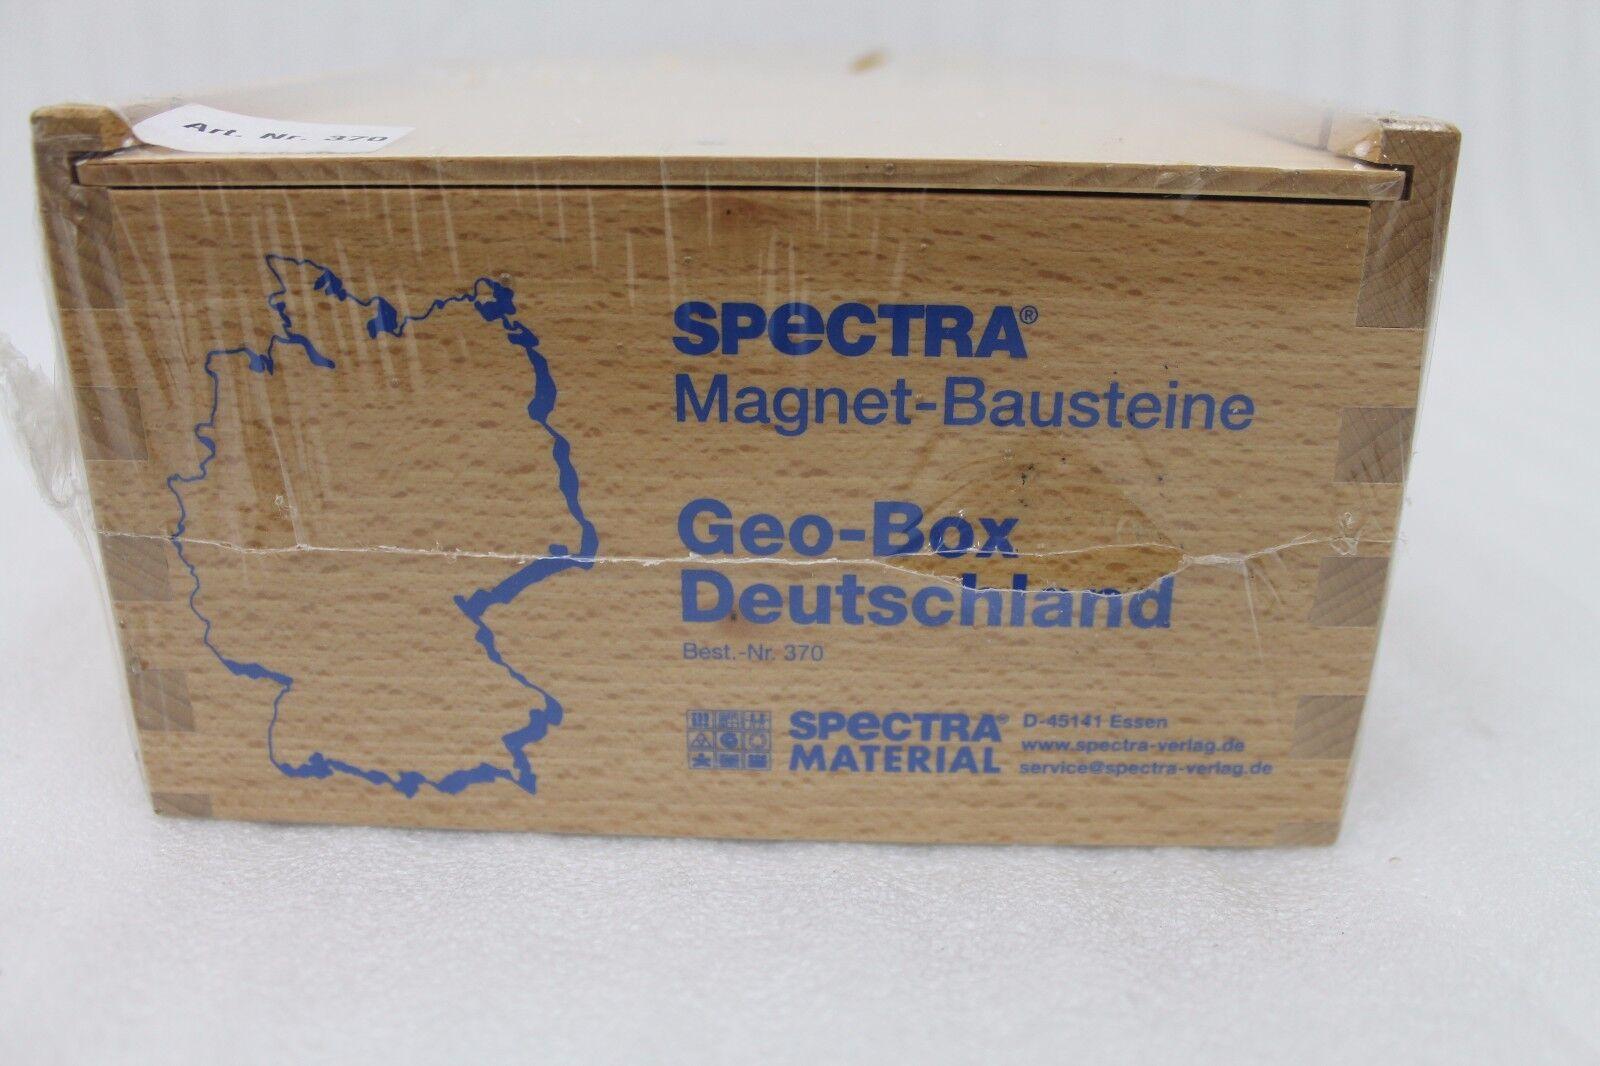 Spectra Magnet-Bausteine Geo-Box Deutschland ohne Eisenkarte | Neuheit Spielzeug  | Schön  | Verrückter Preis